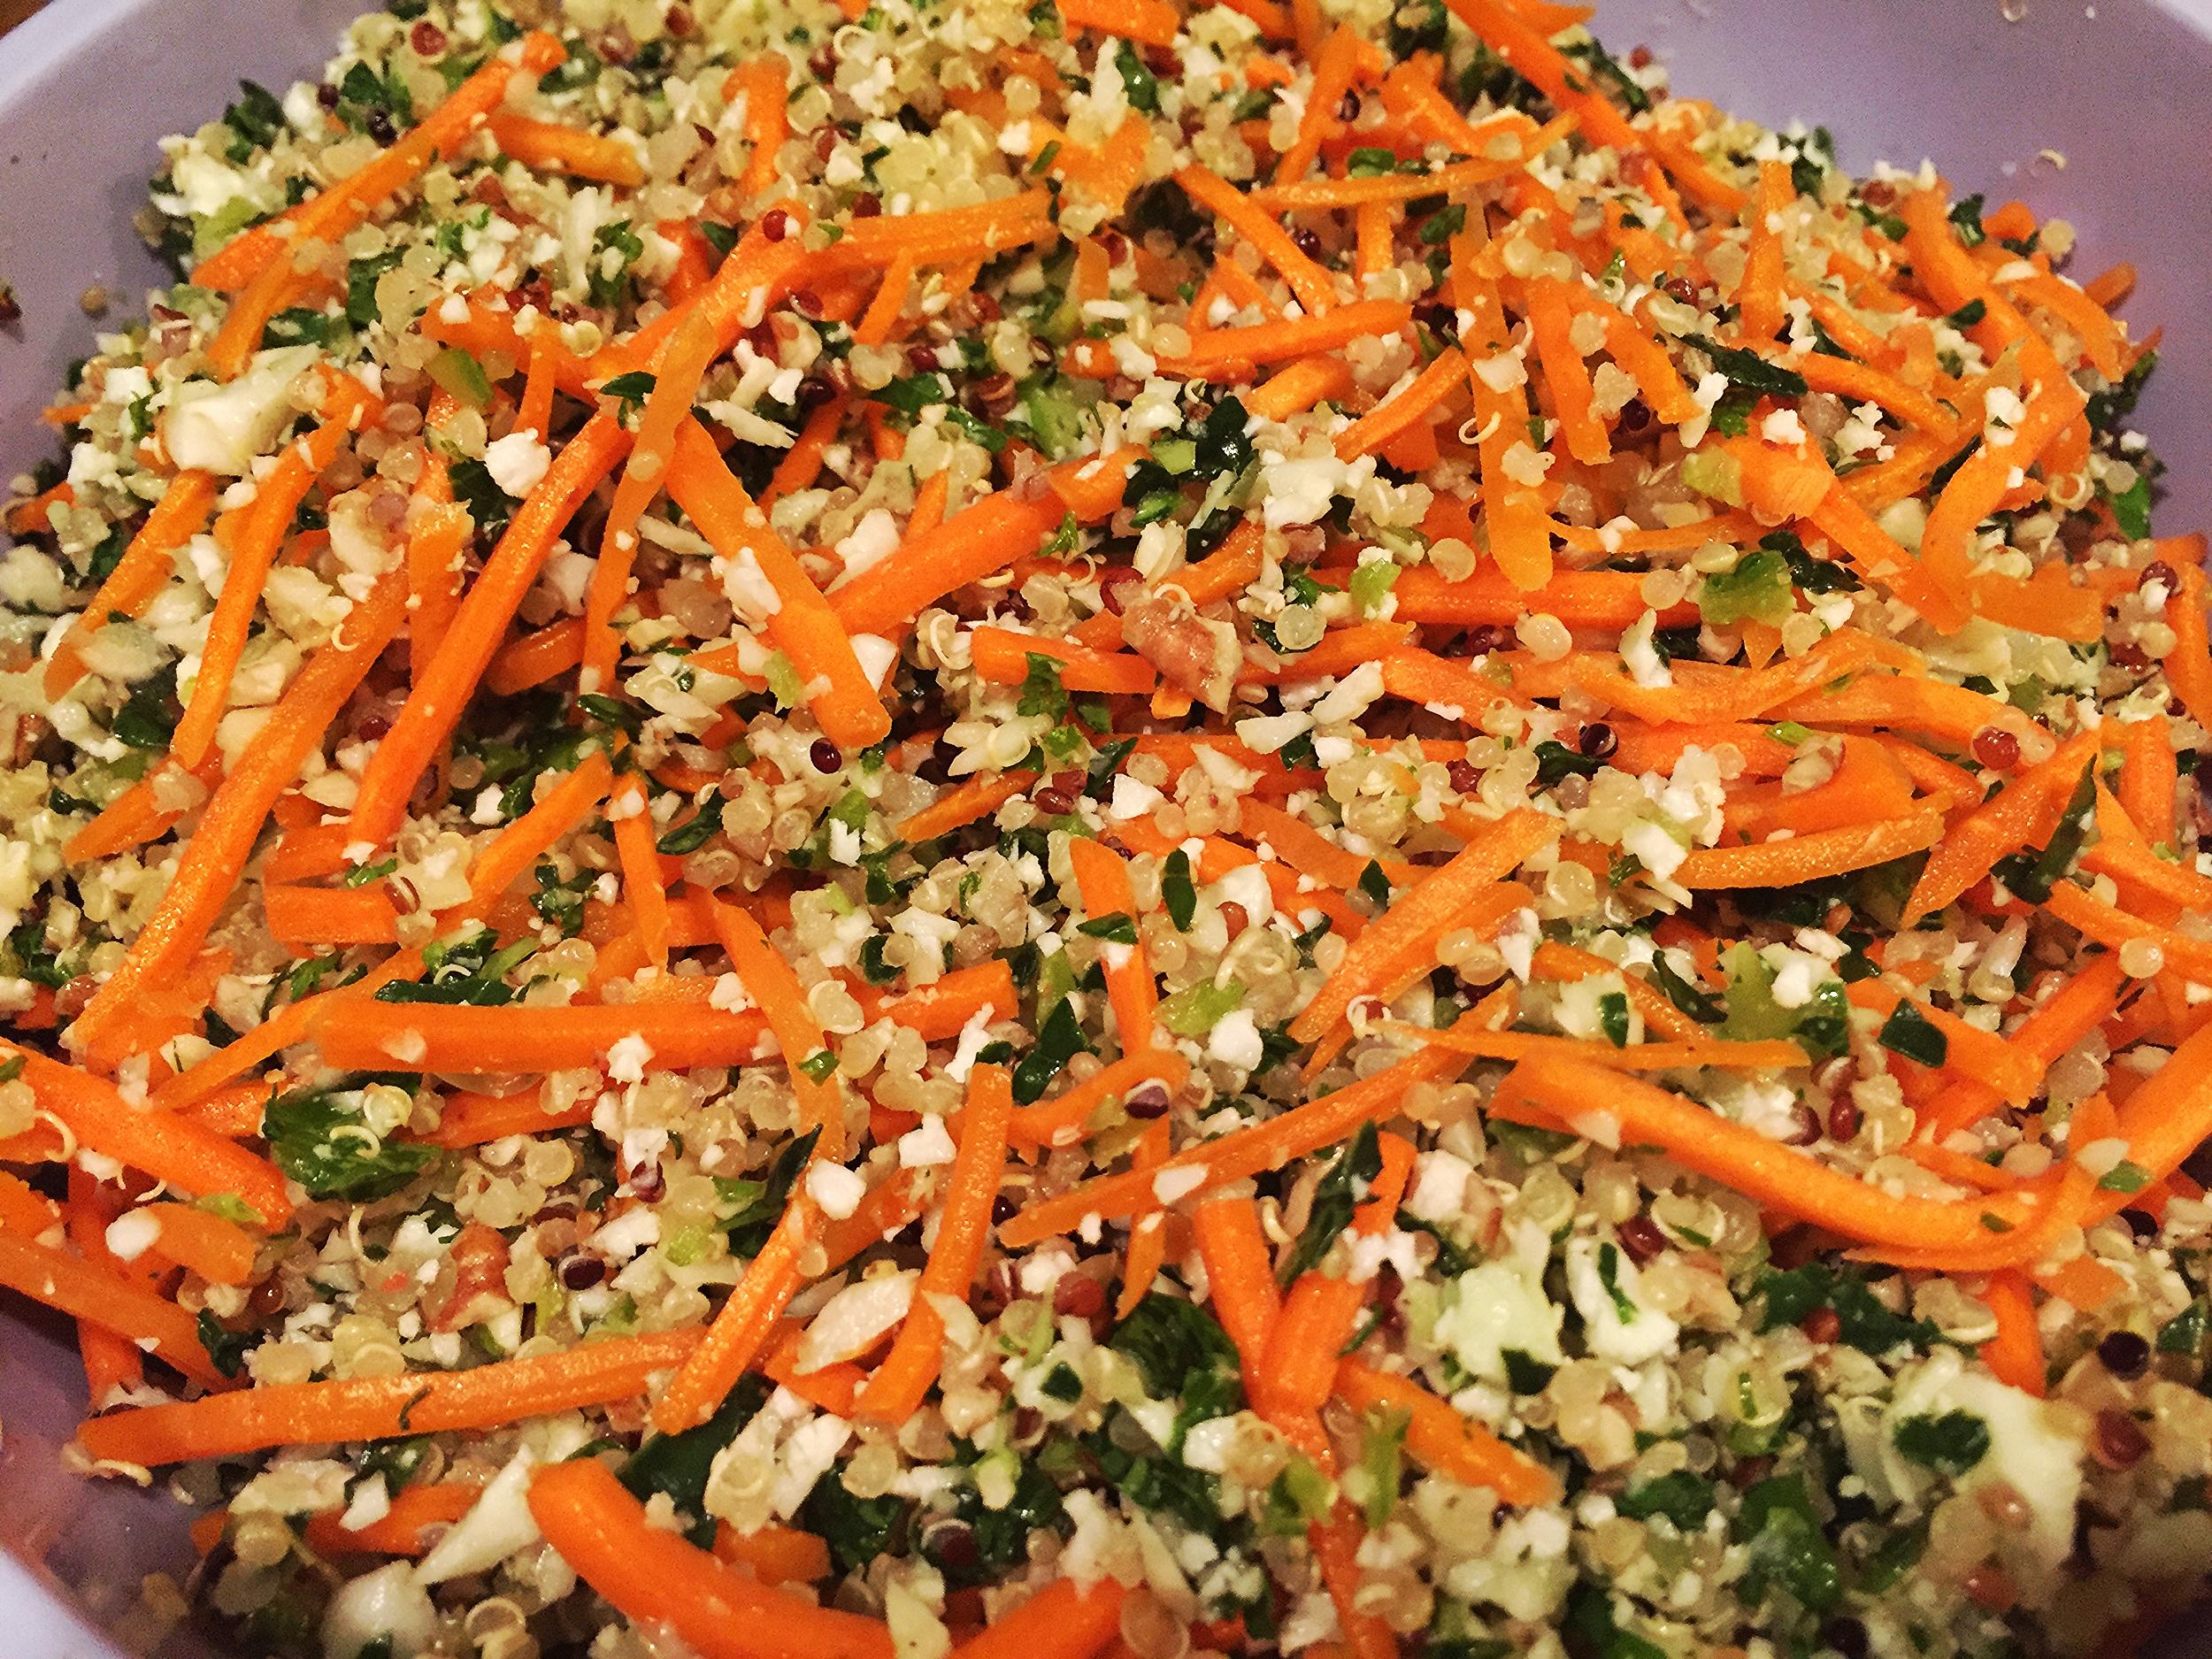 Queen of Quinoa's Detox Salad (modified)